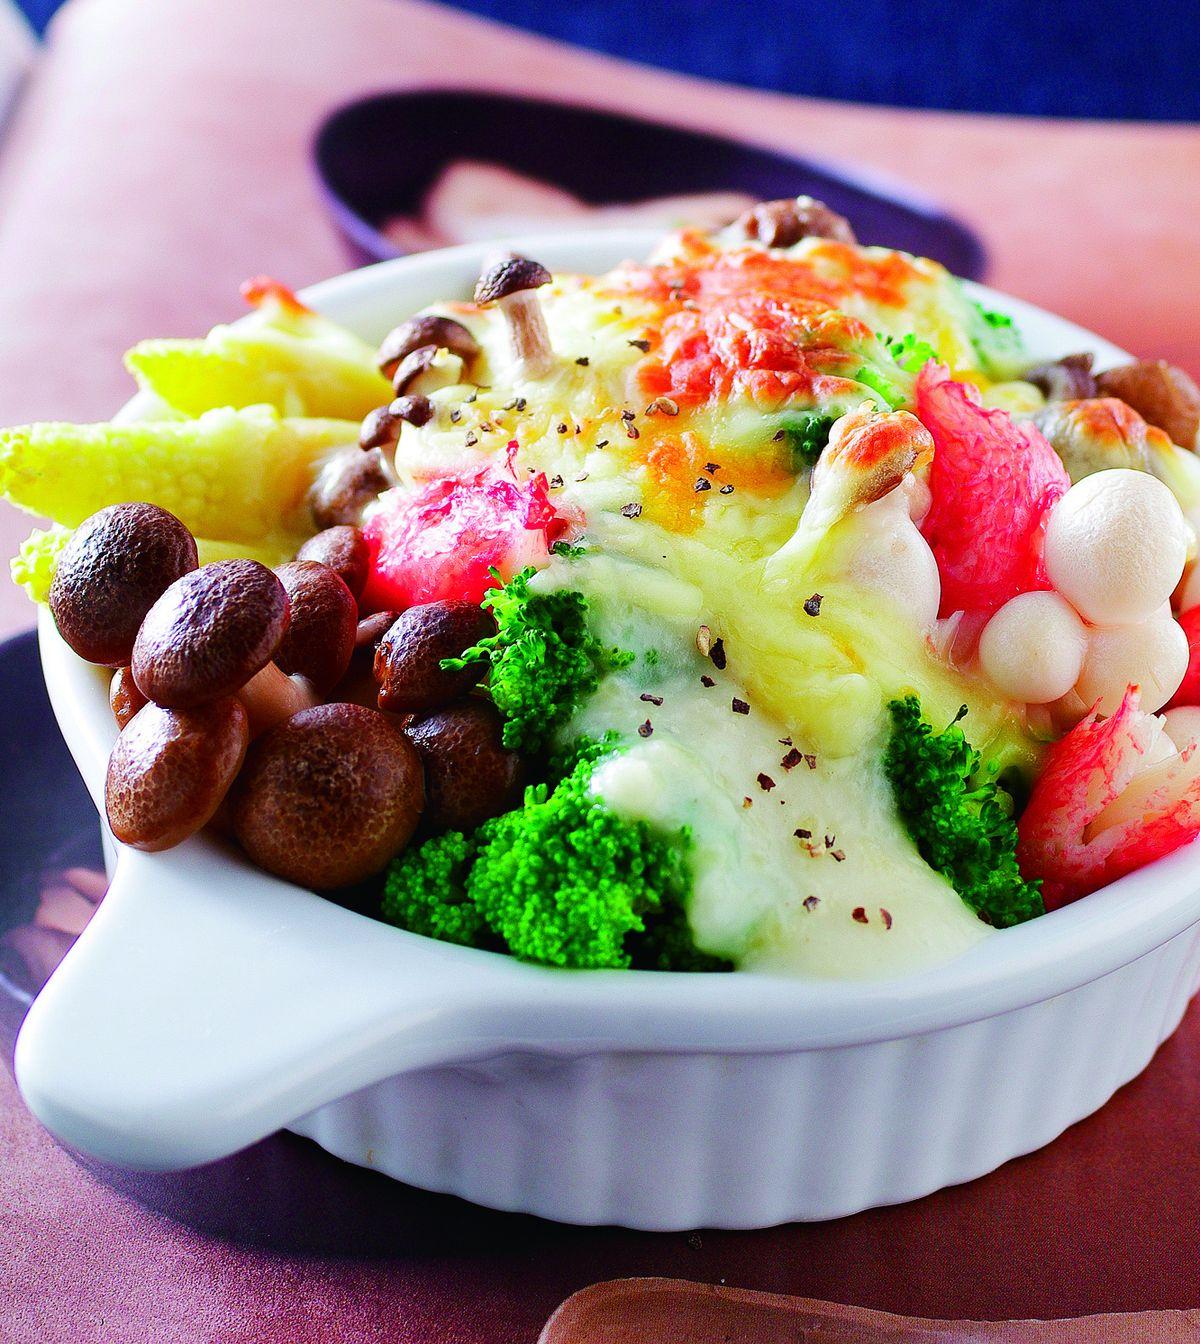 食譜:焗烤鴻禧菇